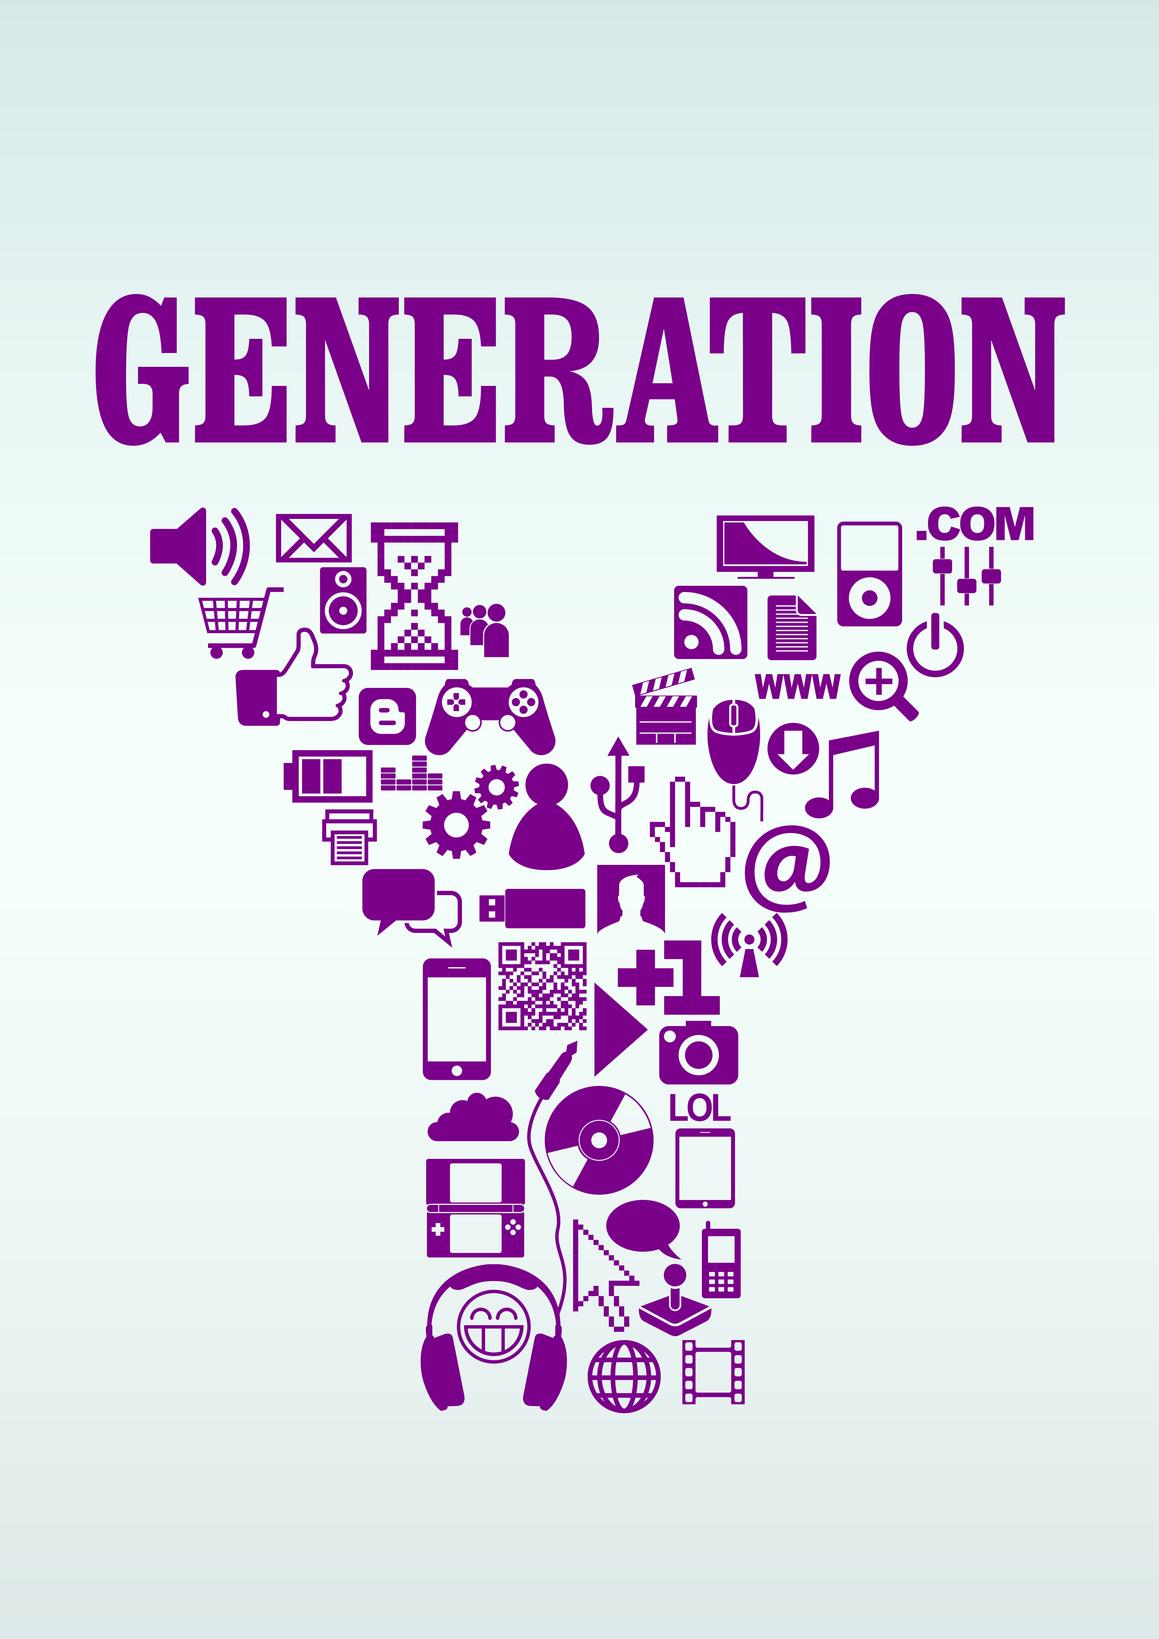 Die Generation Y